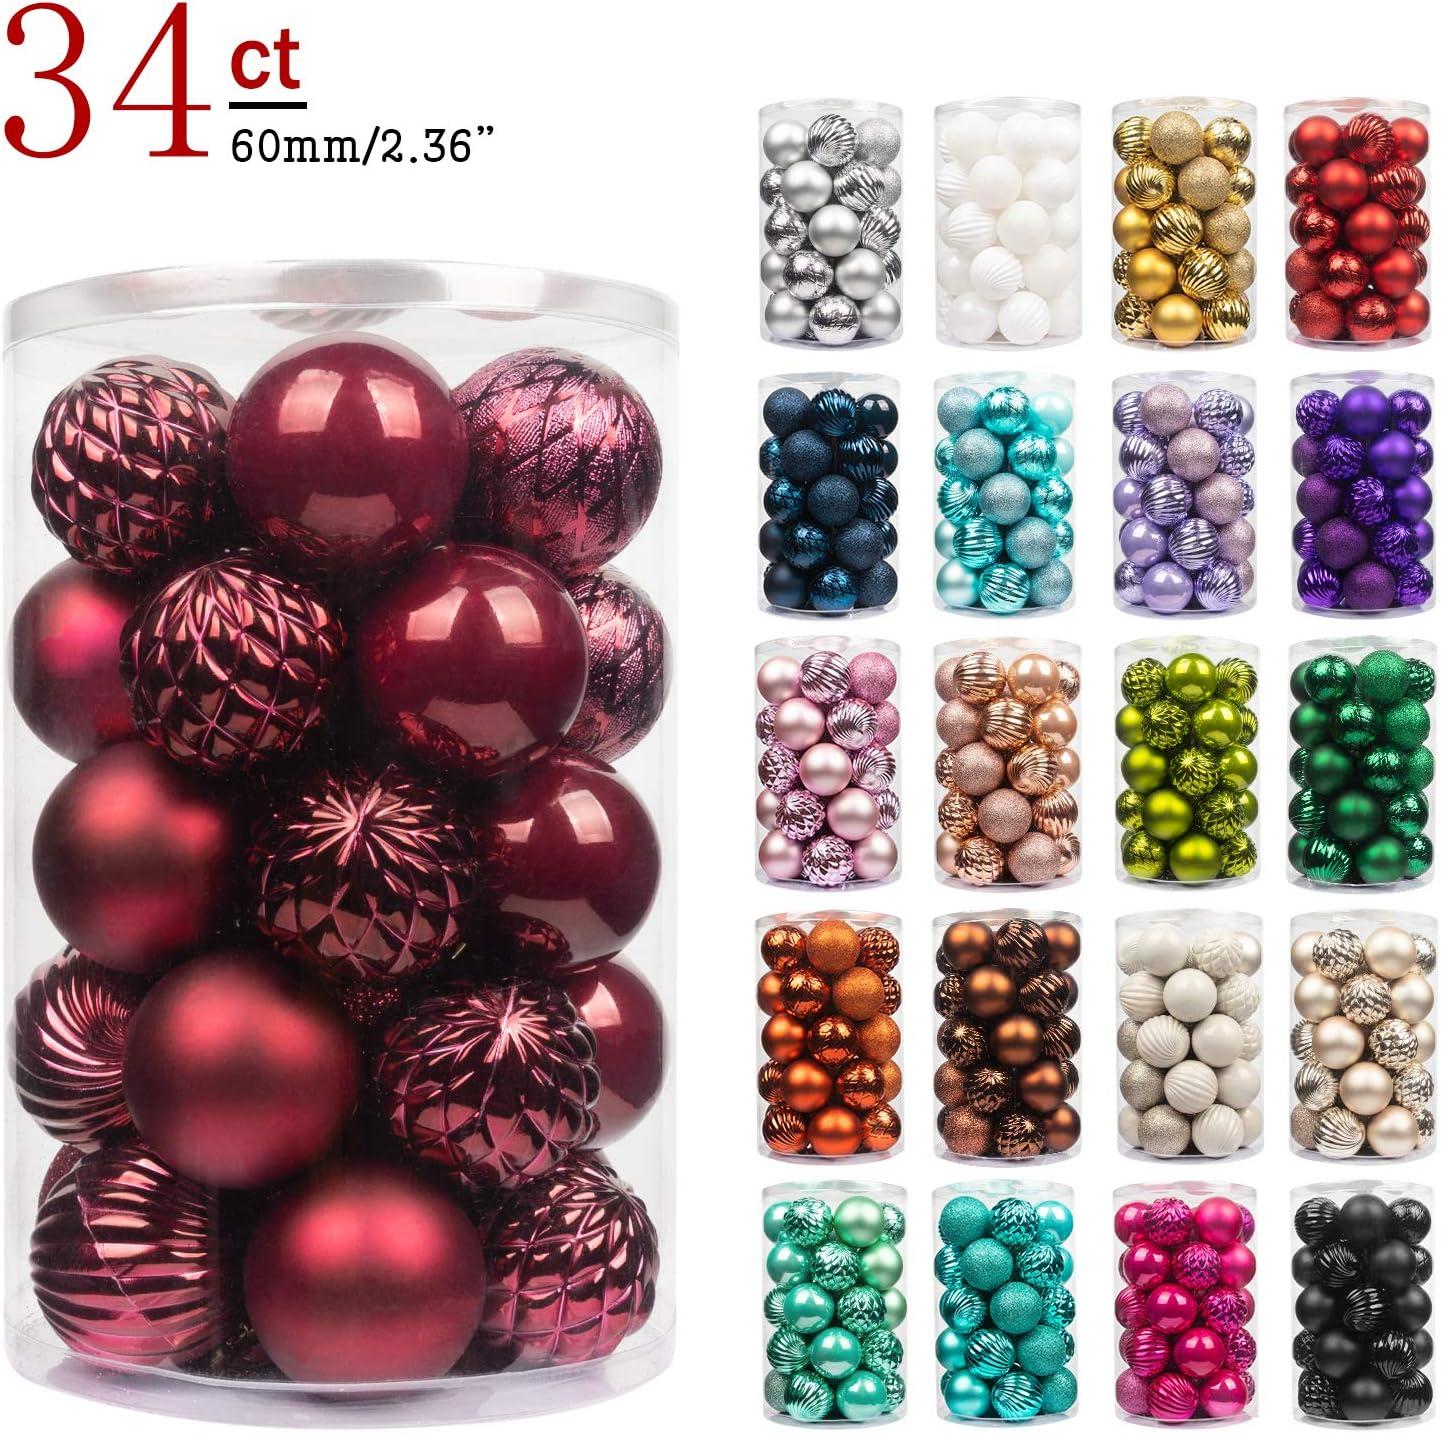 KI Store - Bolas de Navidad para decoración de árbol de Navidad, 24 unidades, bolas inastillables, para decoración de festivales y festivales, granate, 6 cm